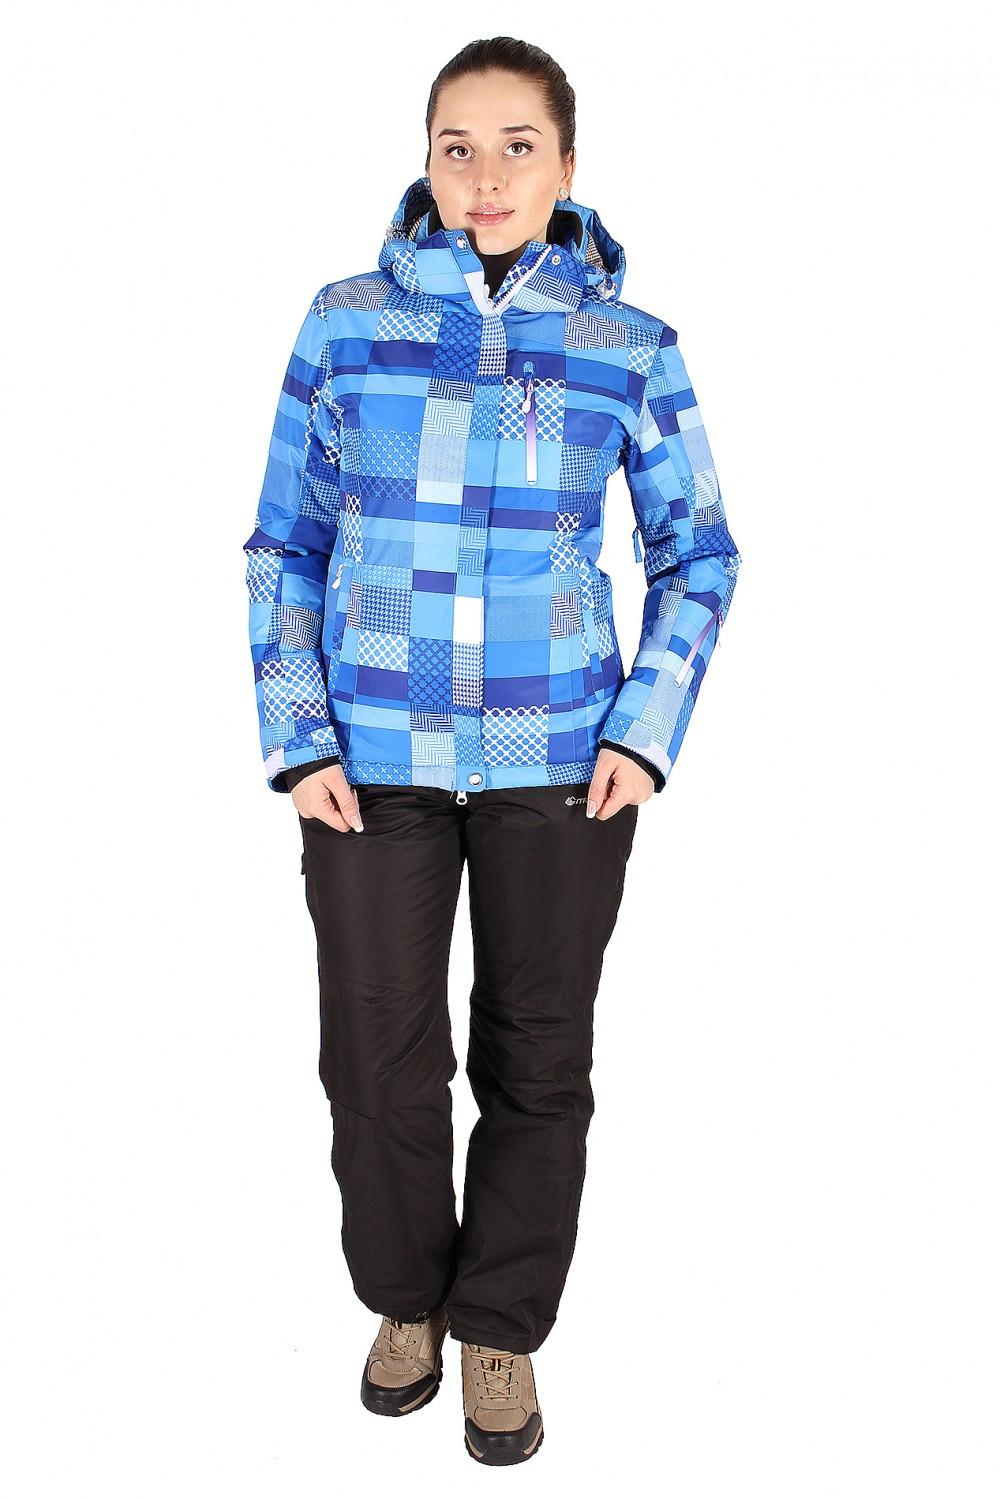 Купить оптом Костюм горнолыжный женский синего цвета 01784S